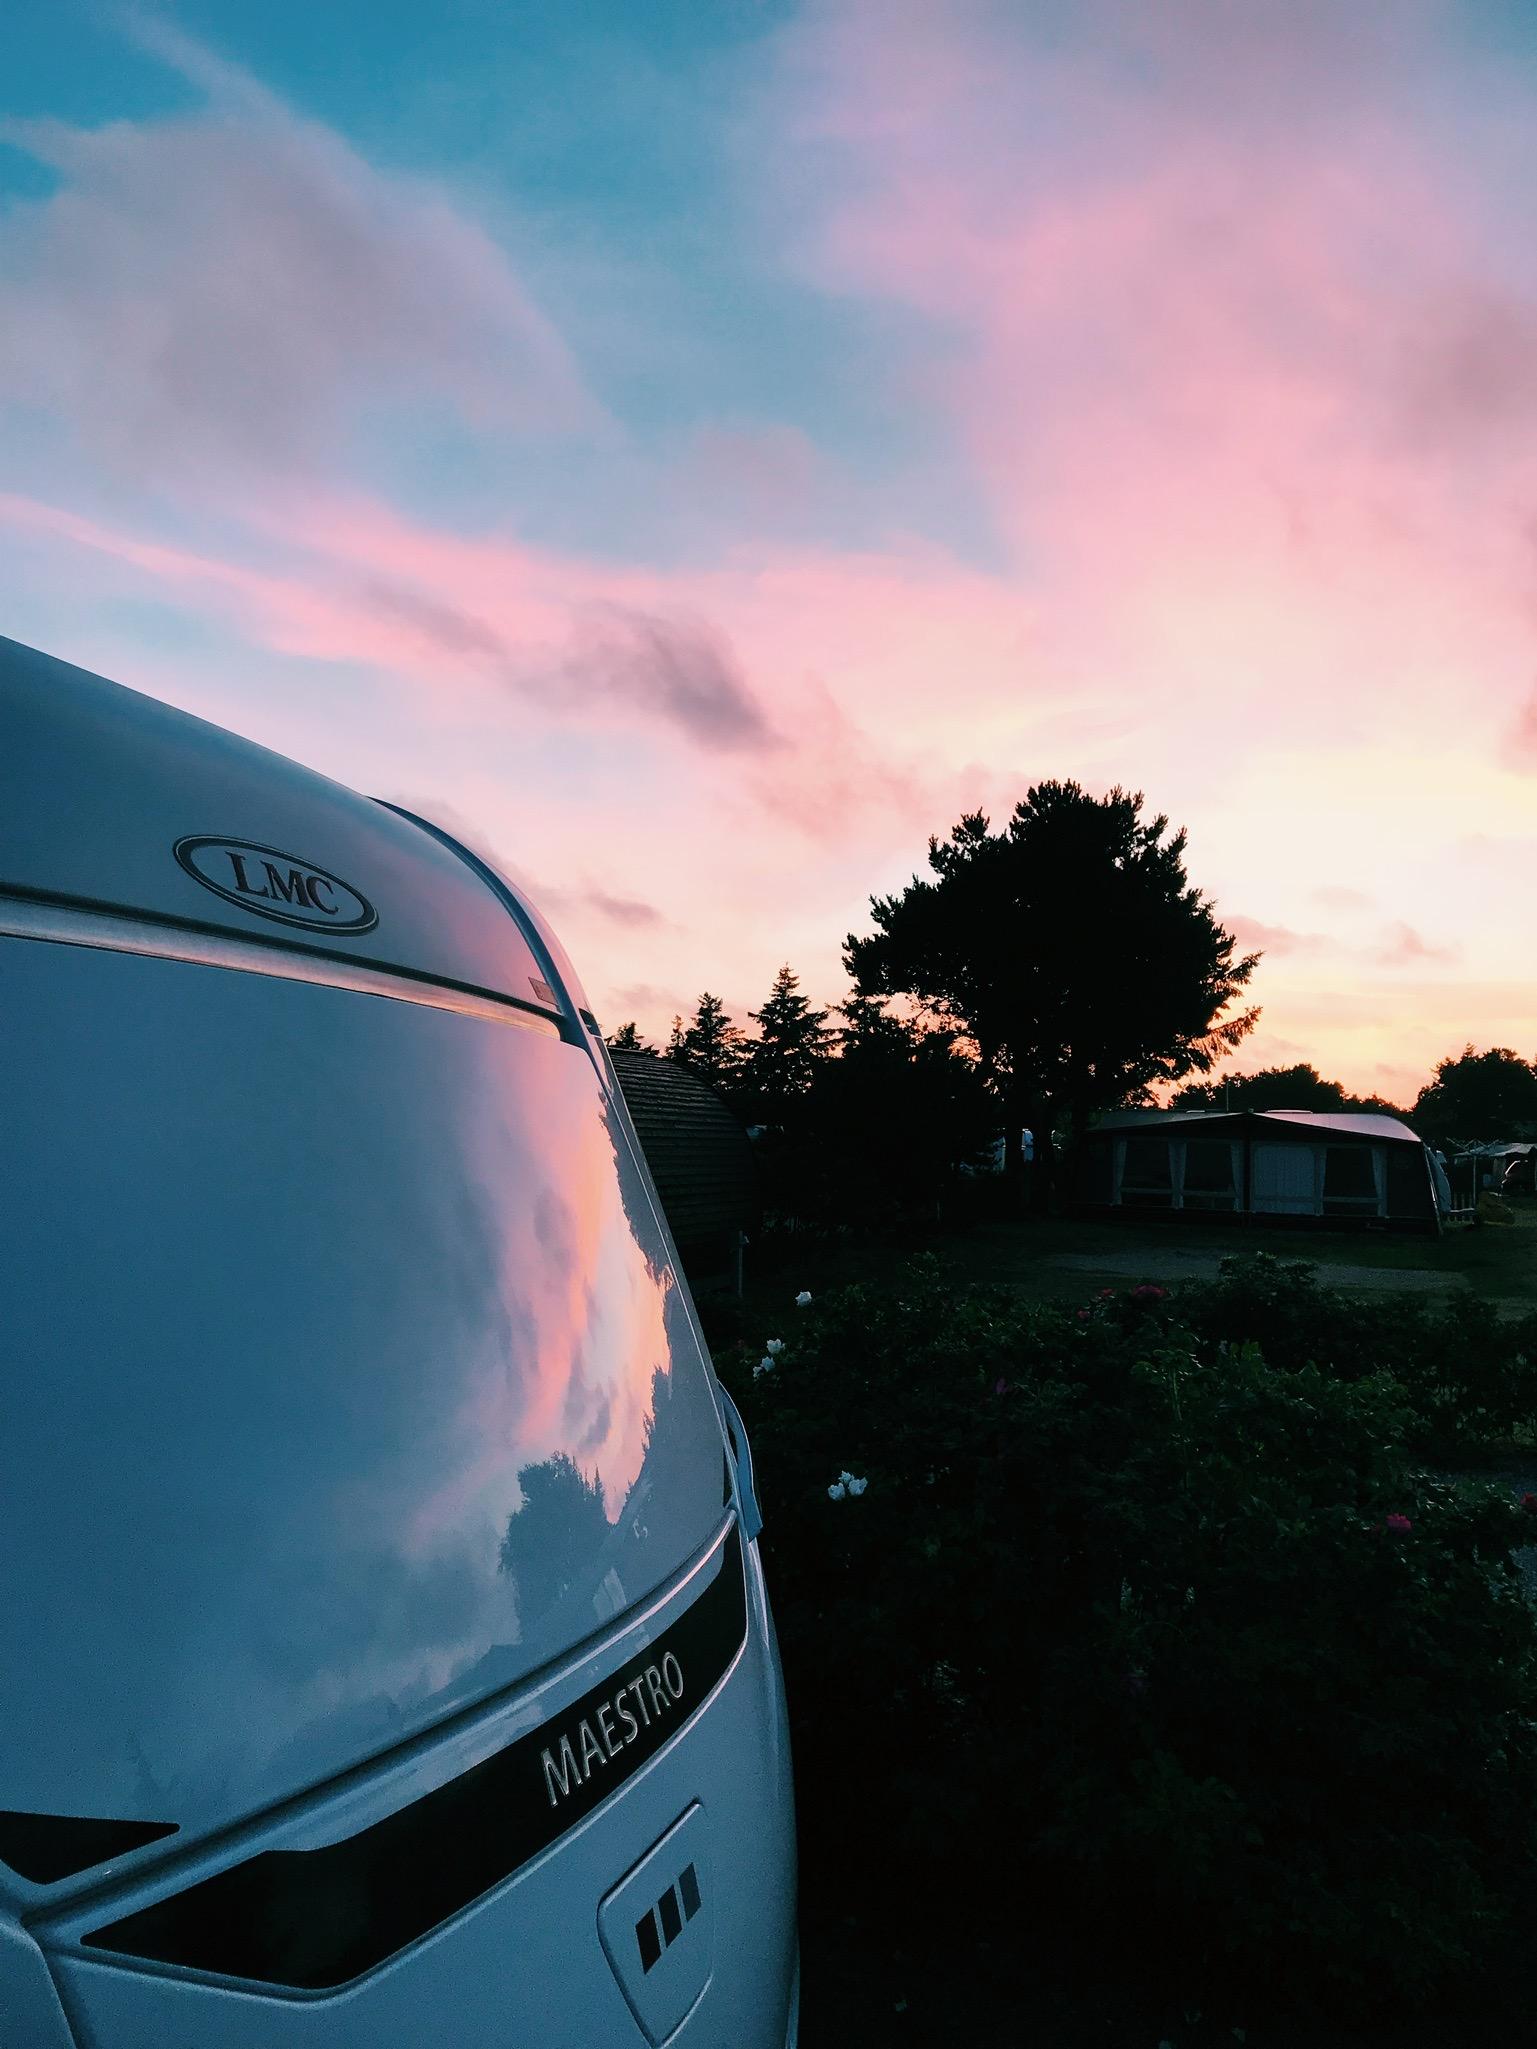 Vores uge i en <strong>LMC campingvogn</strong> på Henne Strand Camping 33